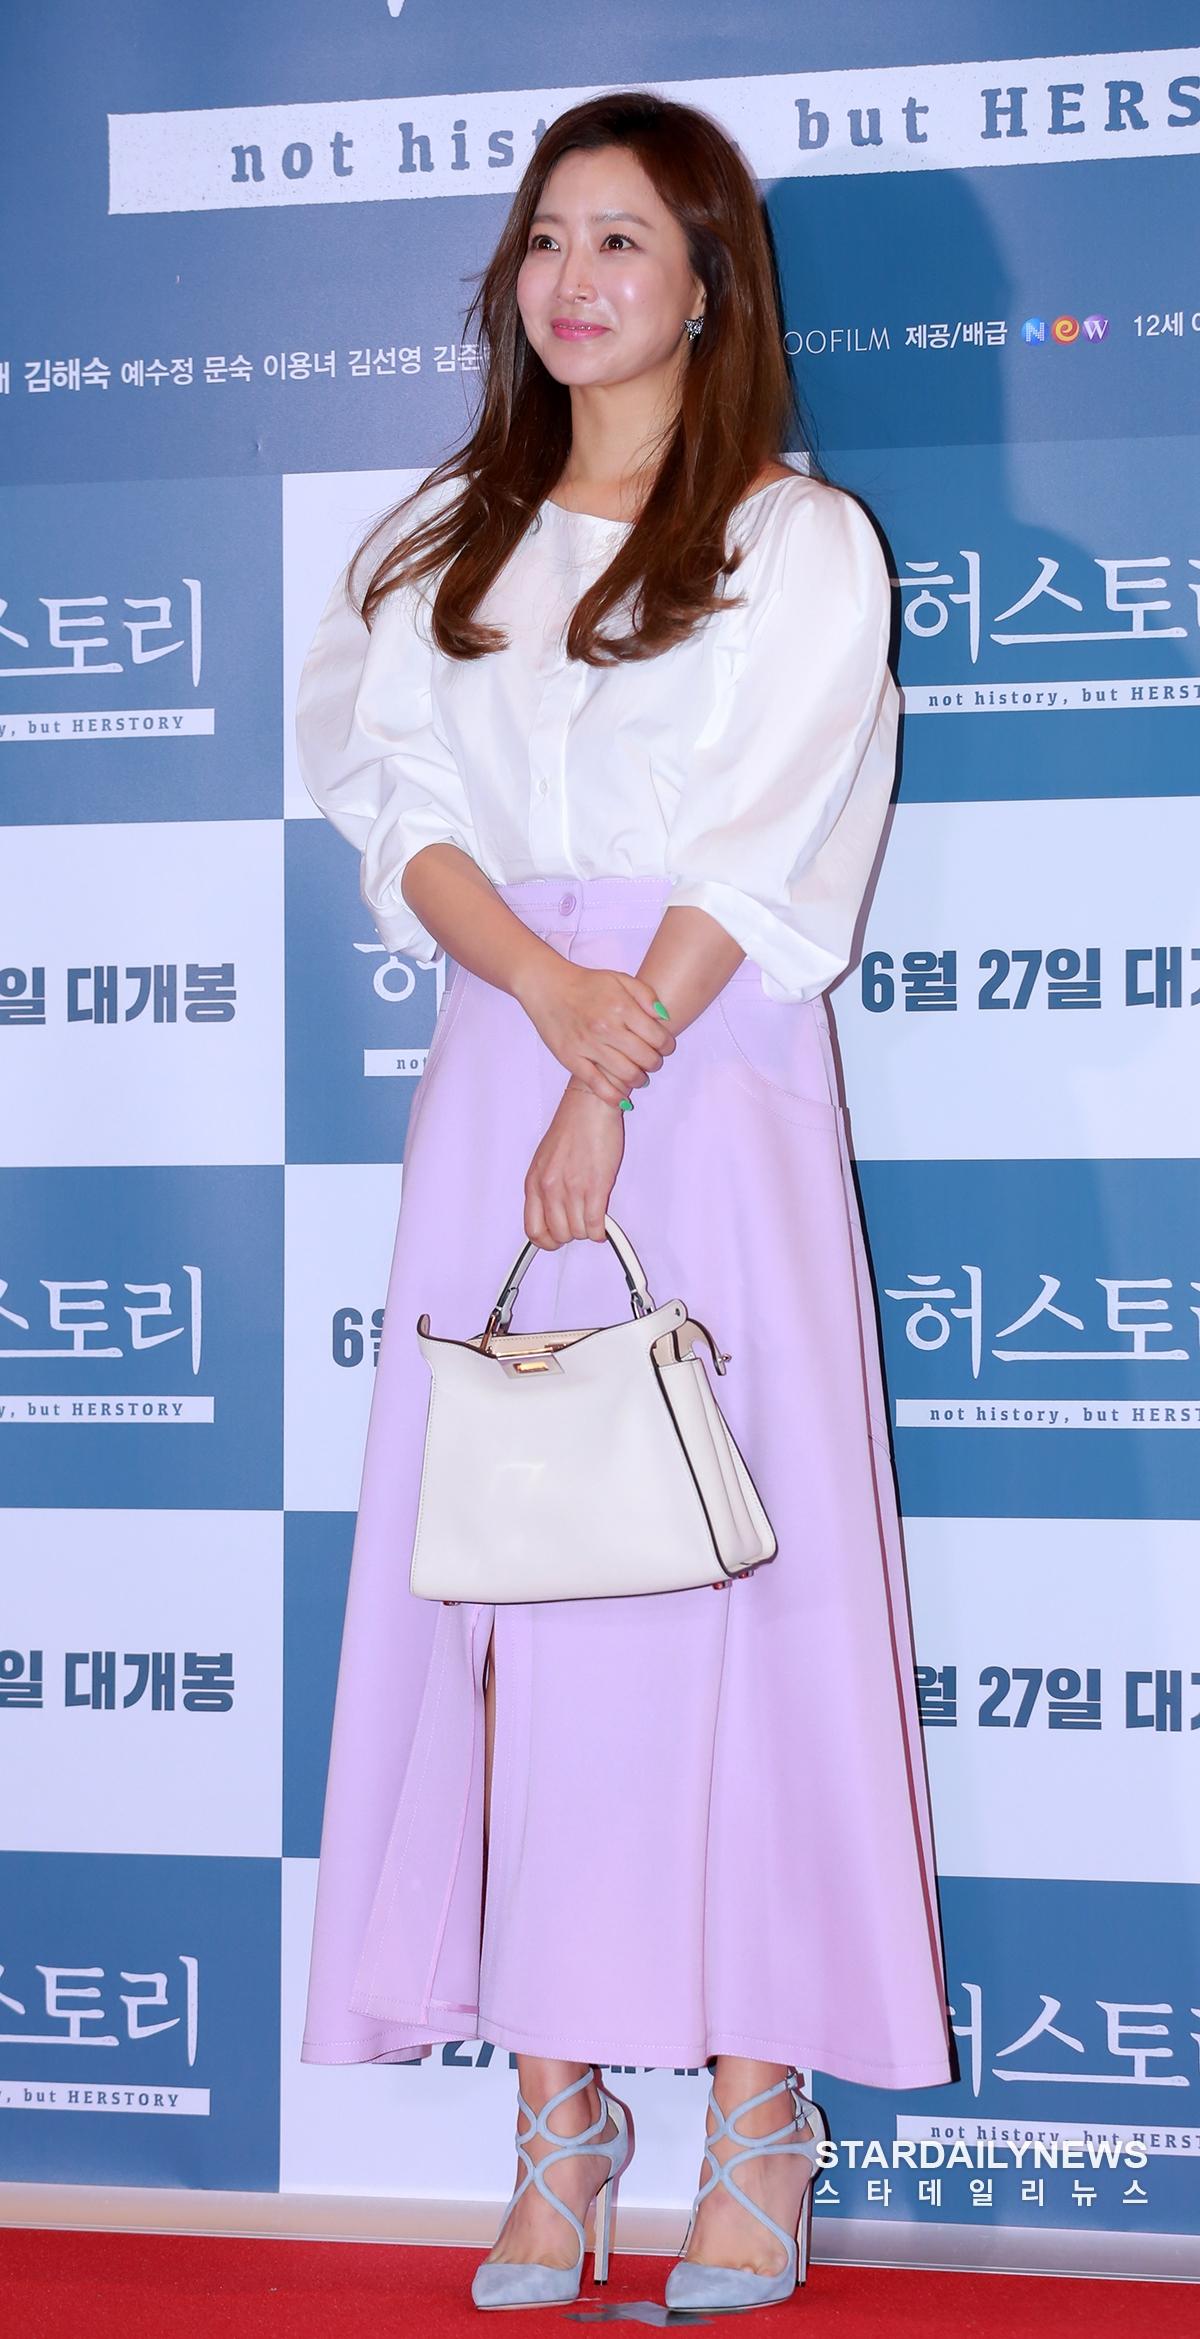 김희선 '보배로운 미소' 허스토리